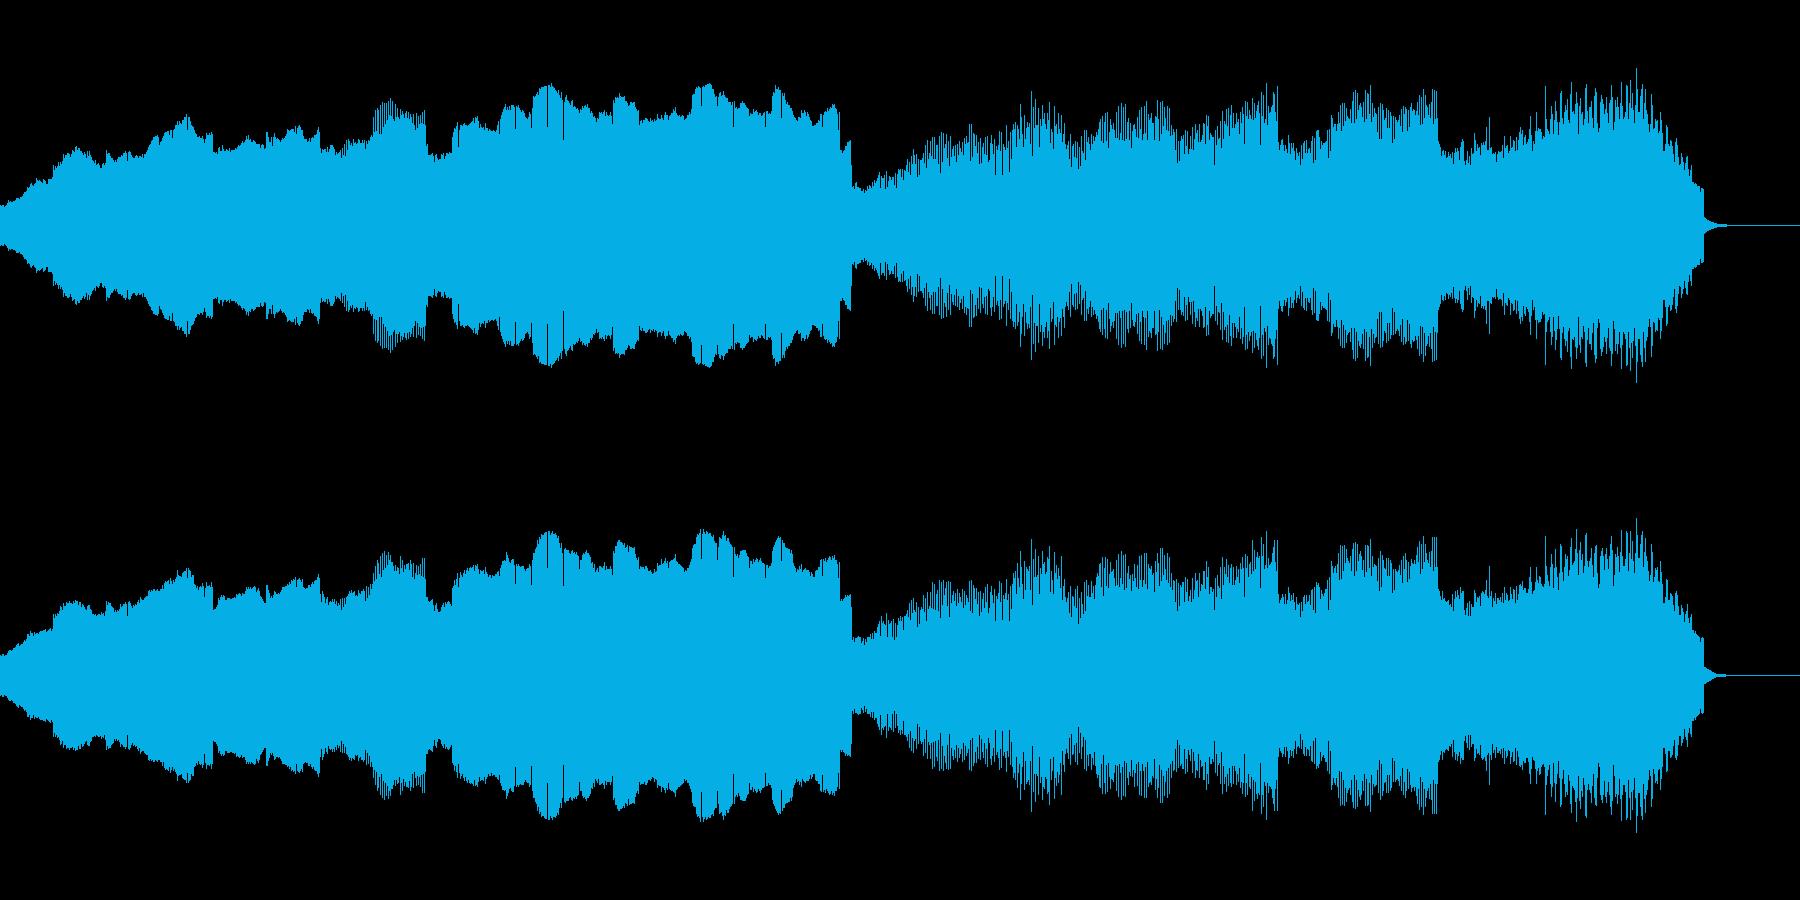 テクノとキラキラした雰囲気のBGMの再生済みの波形